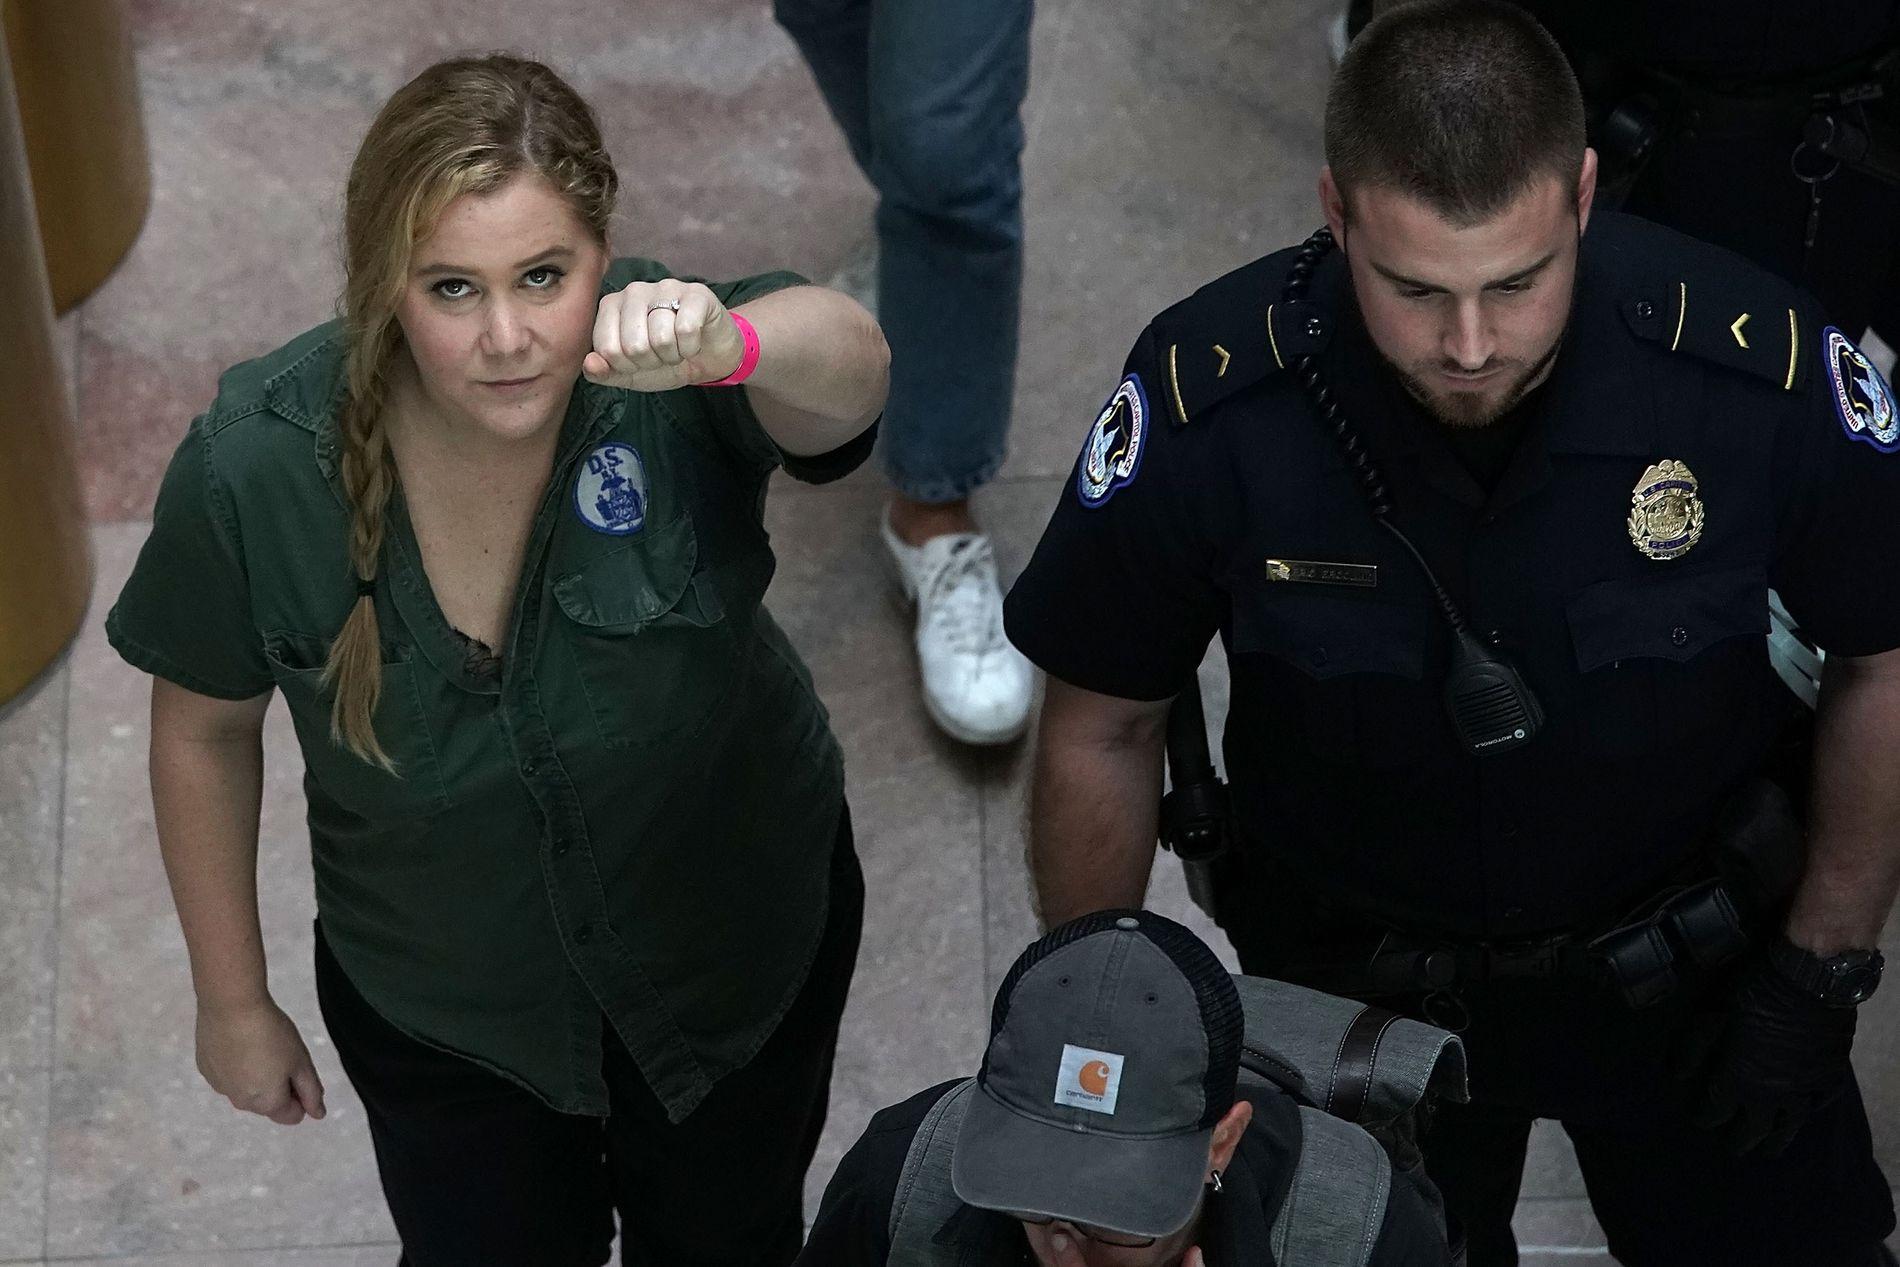 VENTER BARN: Amy Schumer skal bli mor for første gang - her er hun avbildet da hun ble arrestert i en protestmarsj mot Brett Kavanaughs innsettelse i Høyesterett tidligere i måneden.